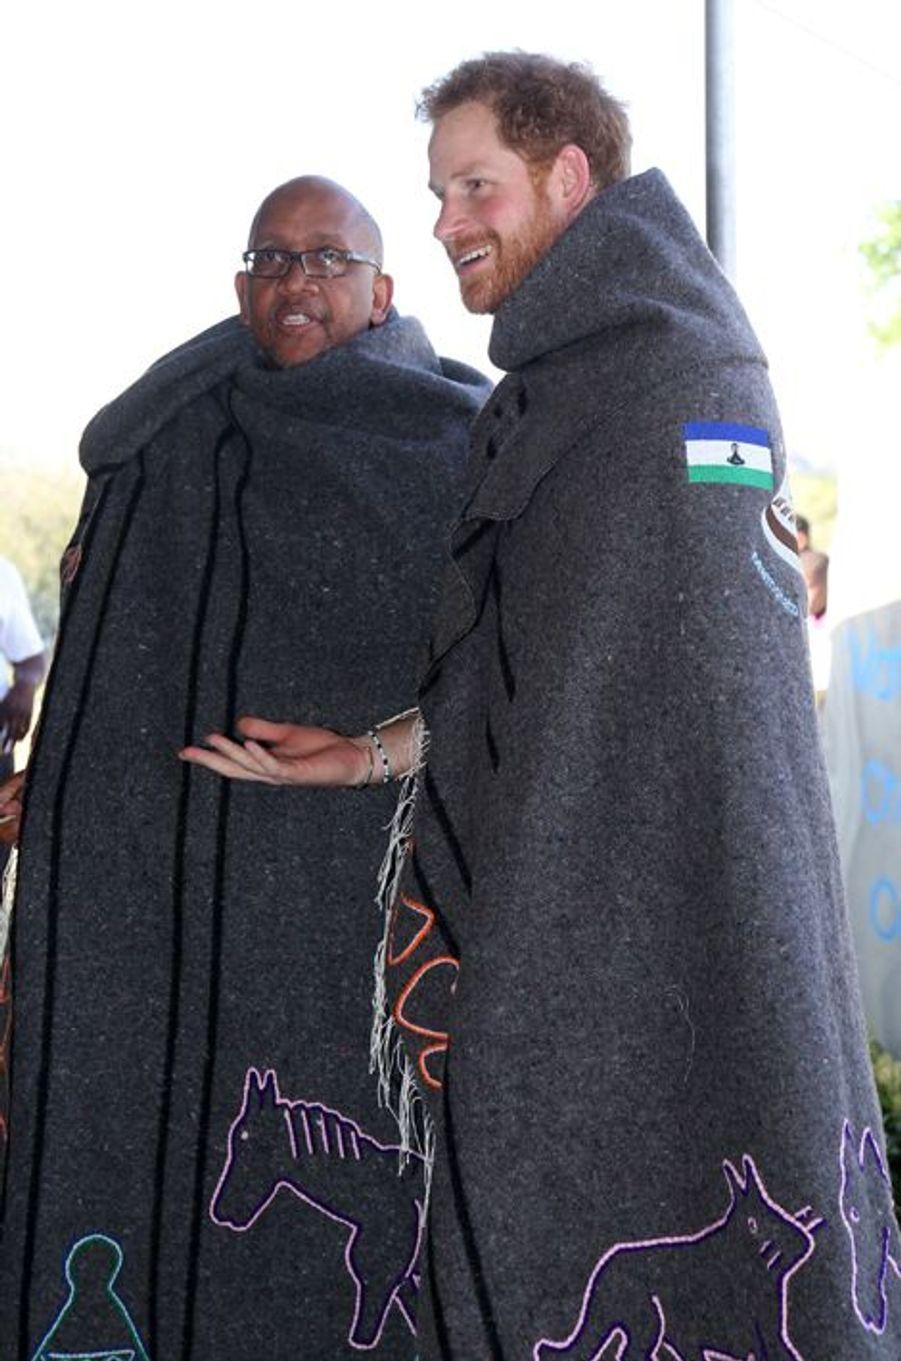 Le prince Harry avec le roi Letsie III au Lesotho, le 26 novembre 2015